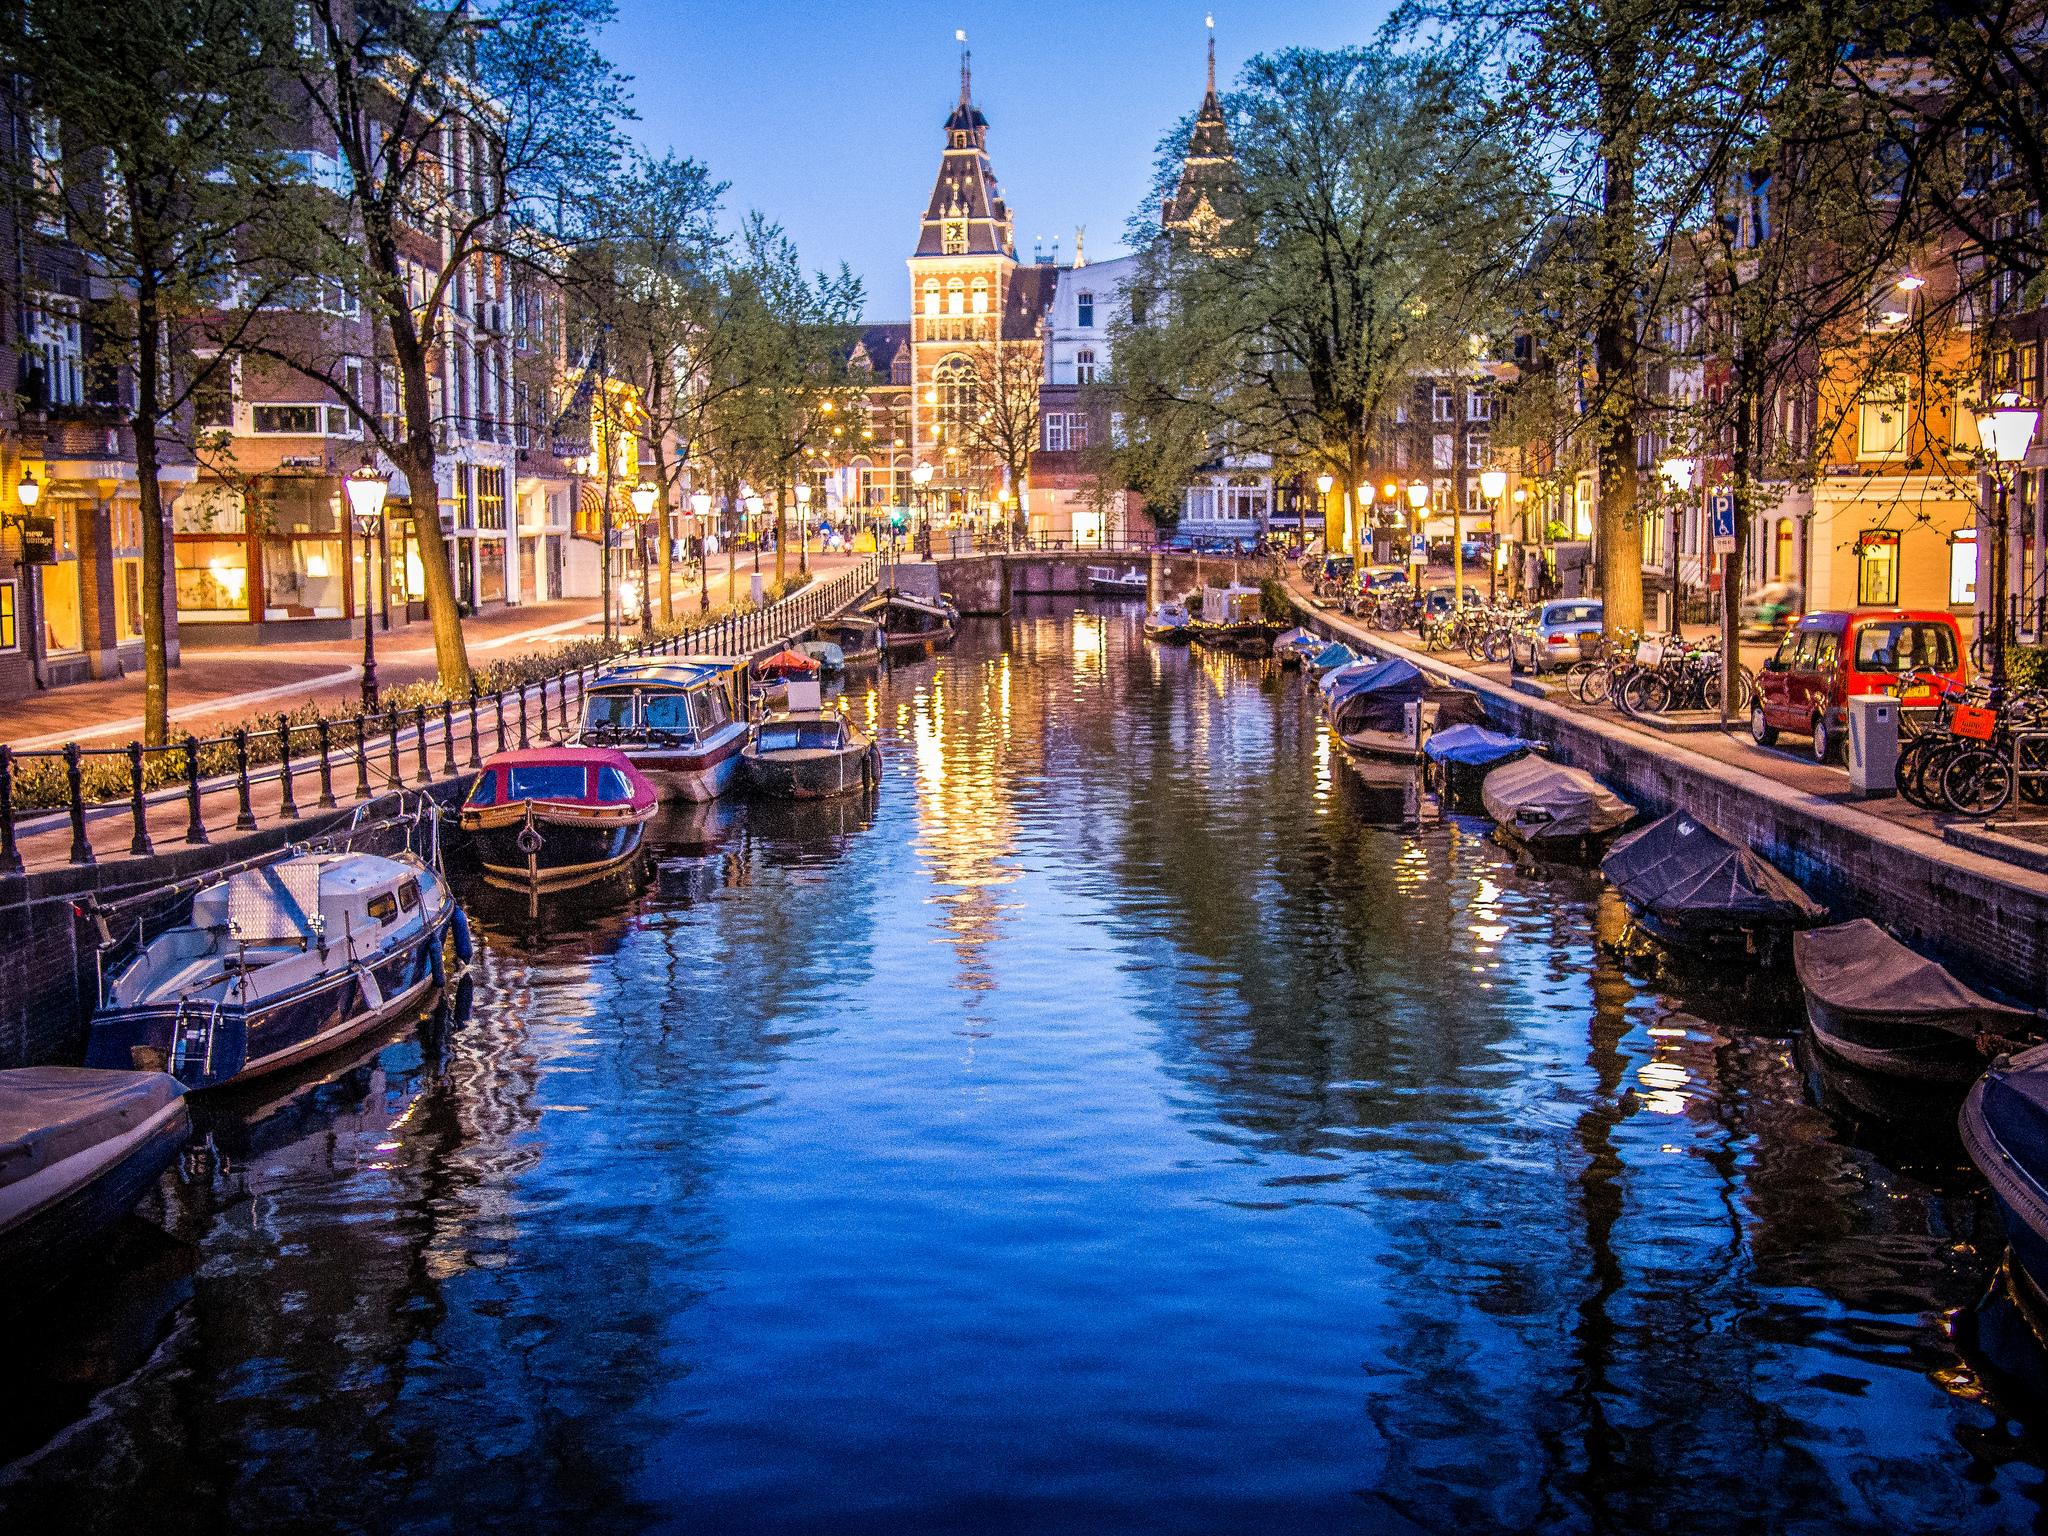 Tulip Tour Bike And Barge Tour Netherlands Belgium